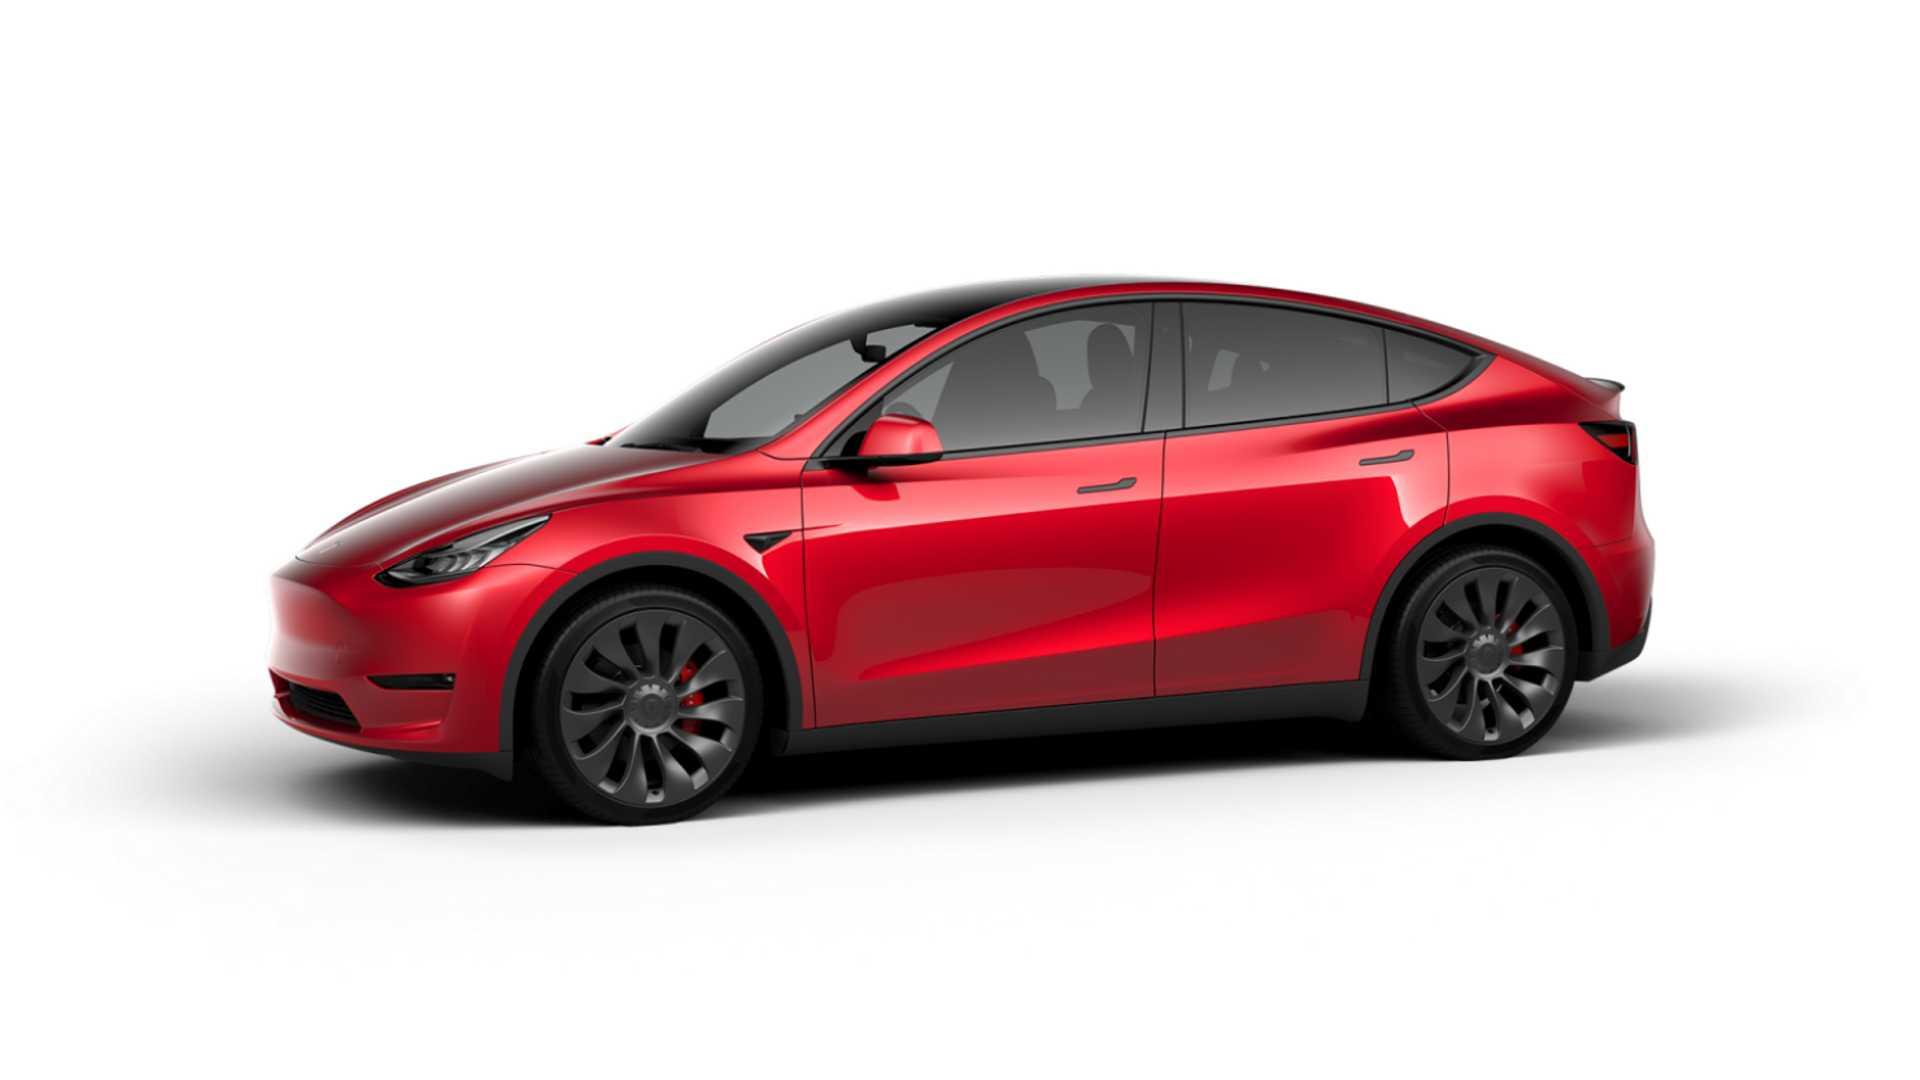 В сообщении говорится, что владельцы Tesla Can Ban Y могут вернуть автомобиль из-за неисправностей